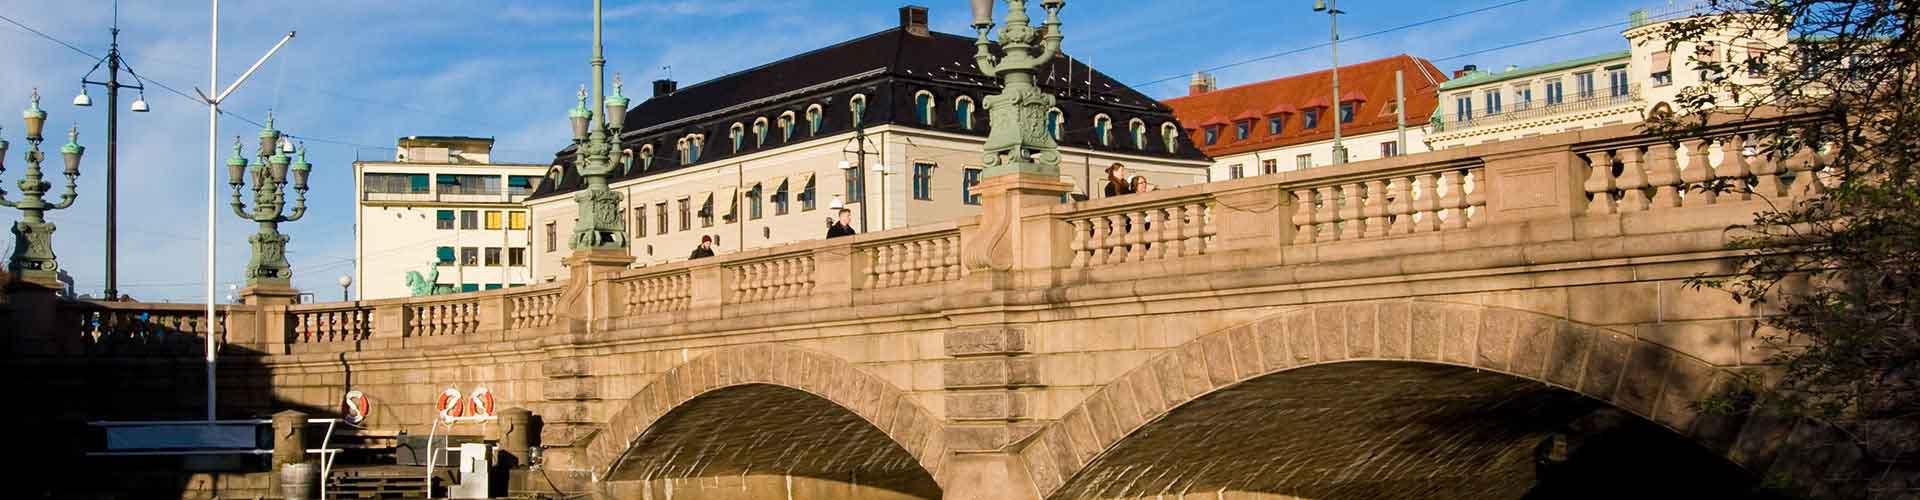 고텐버그 - 고텐버그에 위치한  객실.  고텐버그의 지도, 고텐버그에 위치한 객실에 대한 사진 및 리뷰.